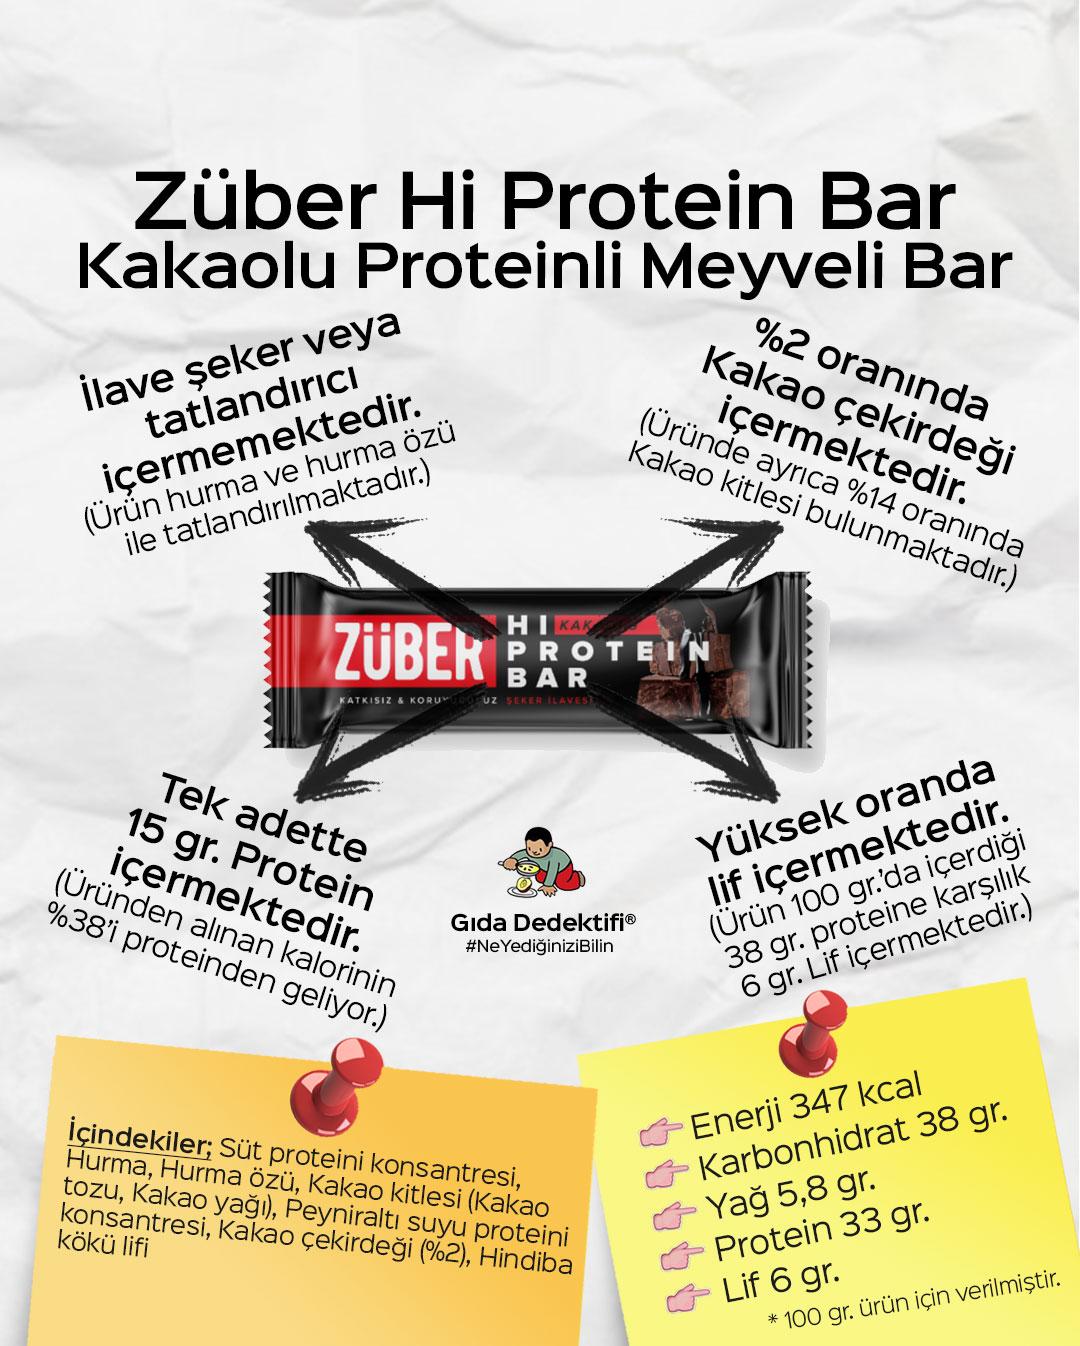 Züber Hi Protein Kakaolu Meyveli Bar - Gıda Dedektifi